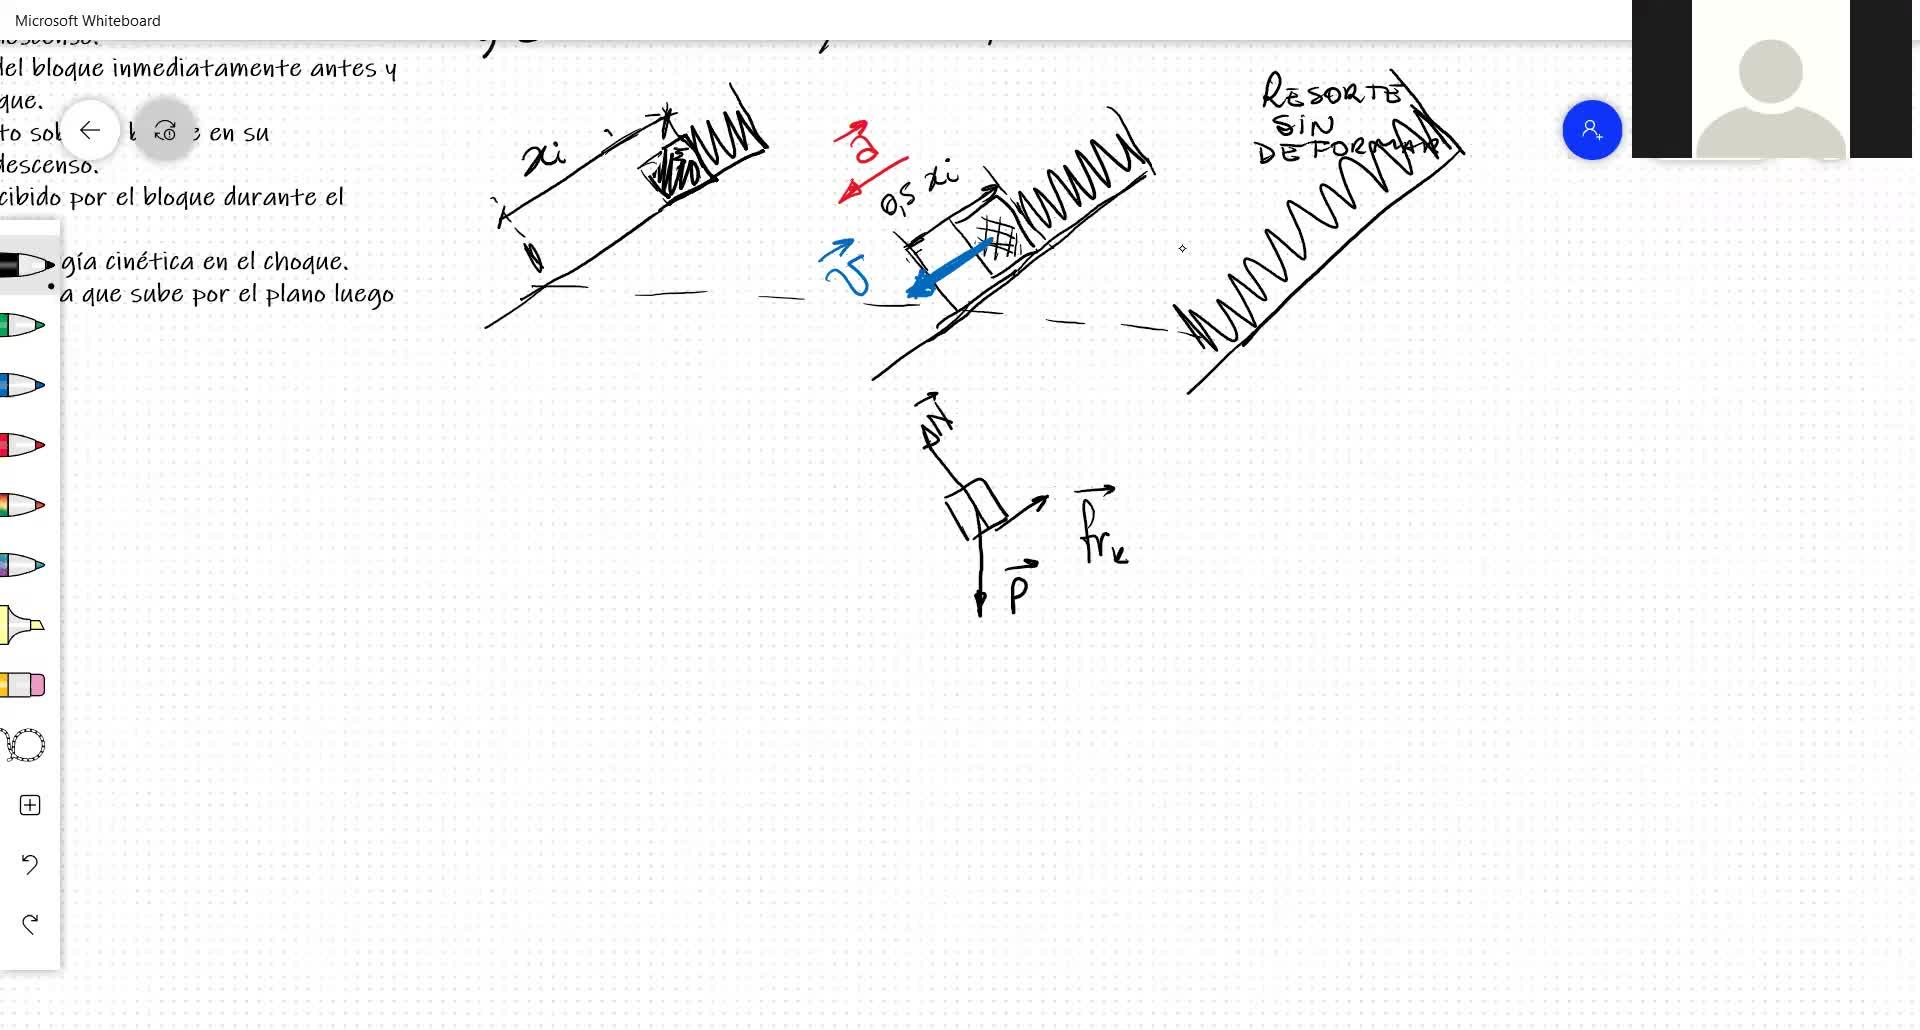 MOD3- Reapaso 1er parcial 2da parte-11-11